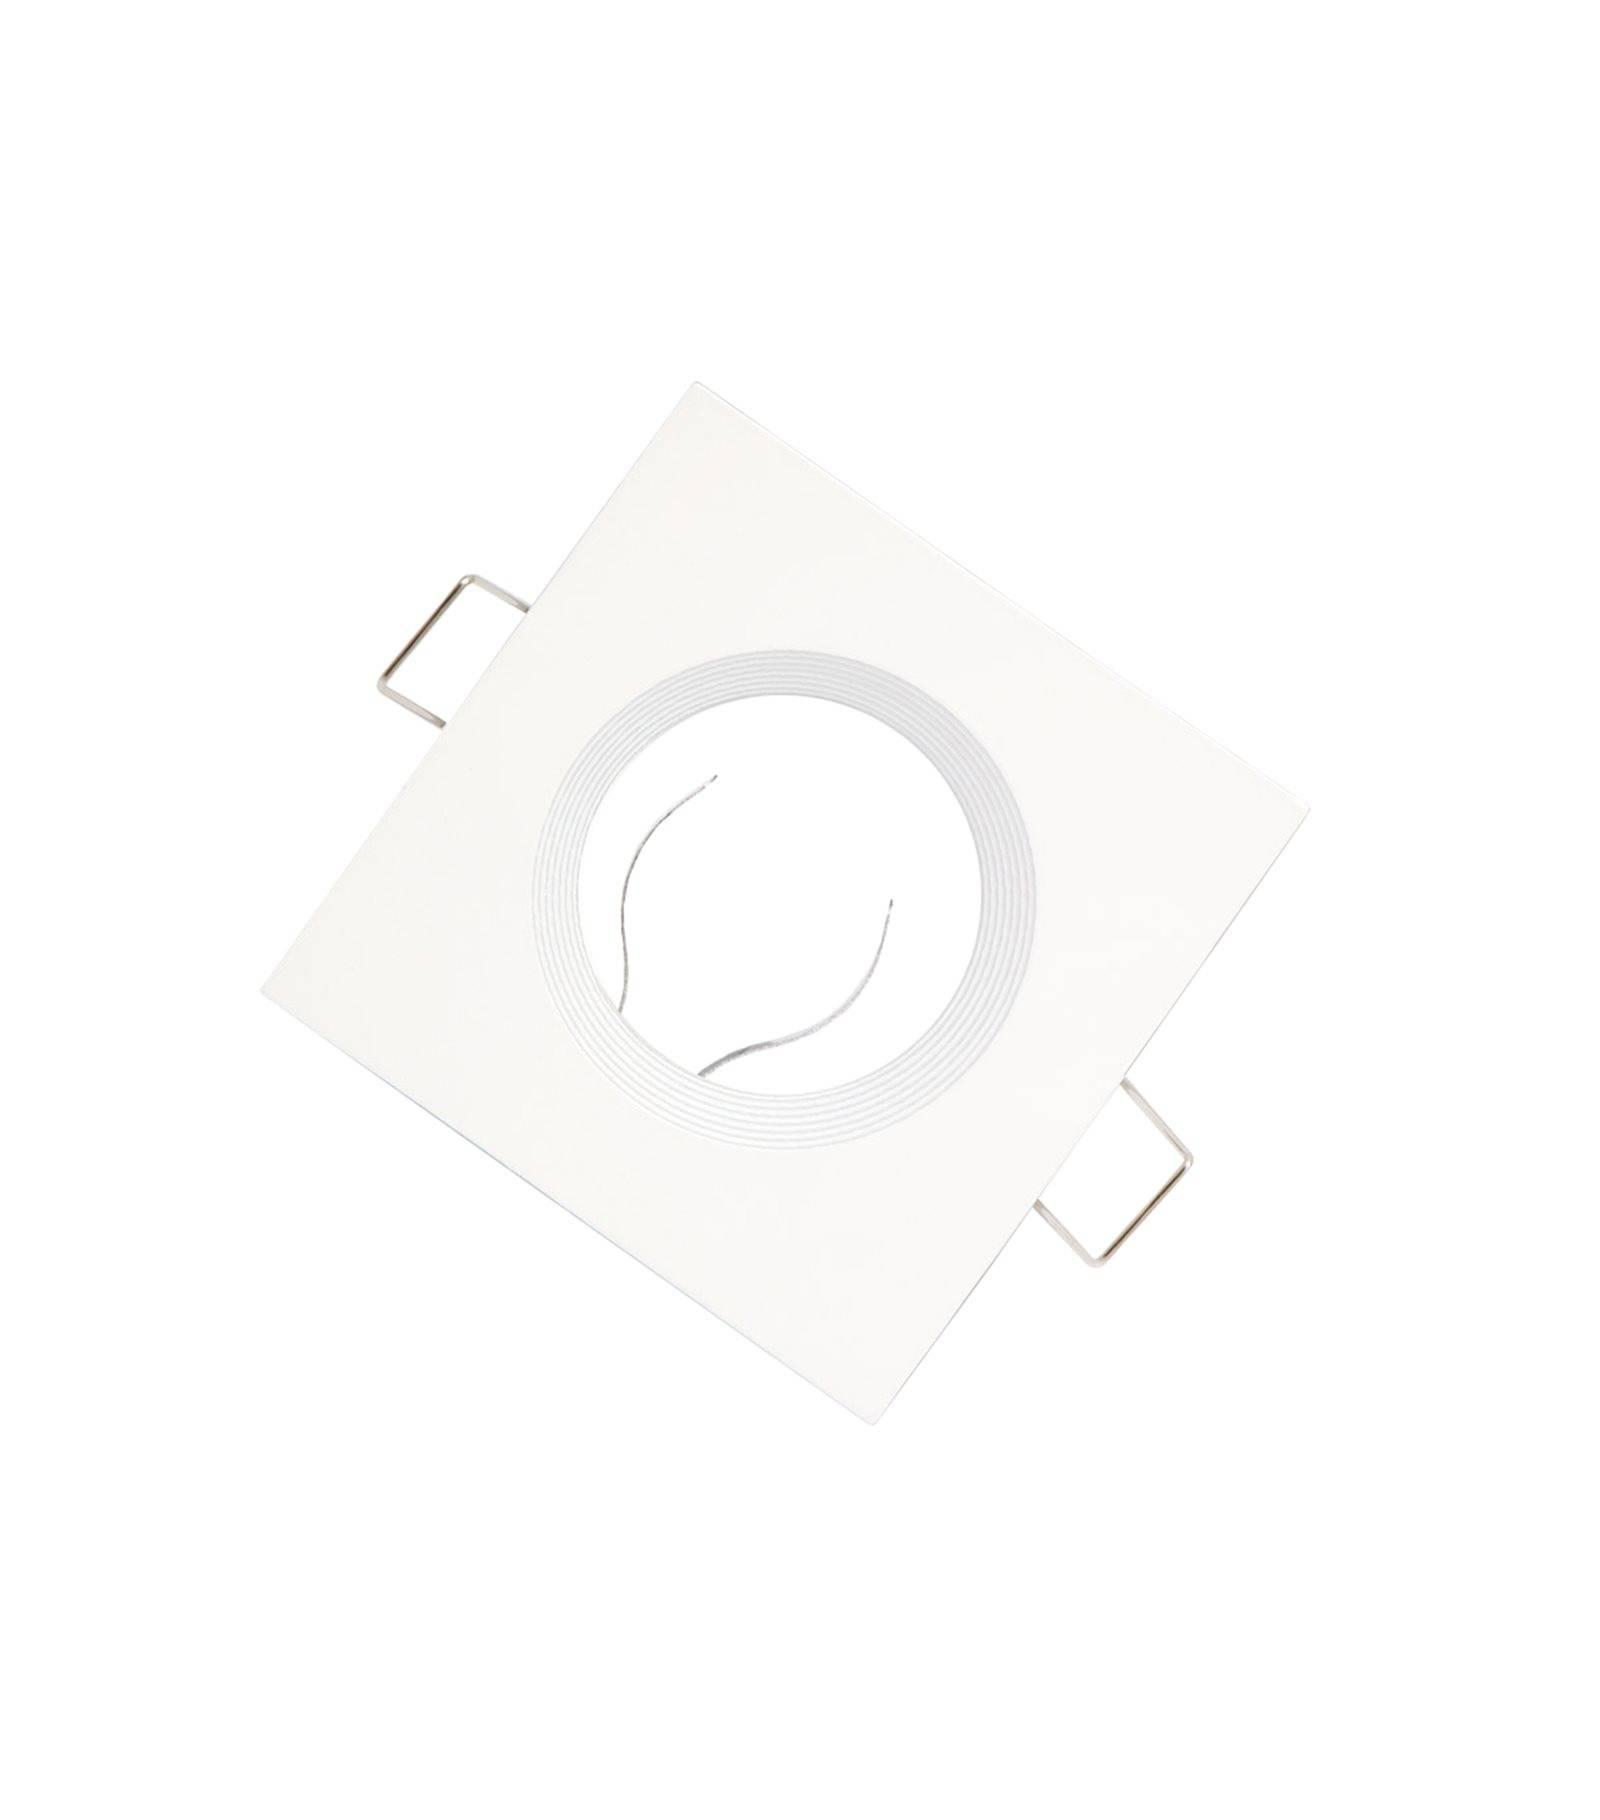 Feu coté Chrome Brossé IP20 plafond Encastrés GU10 twist and lock